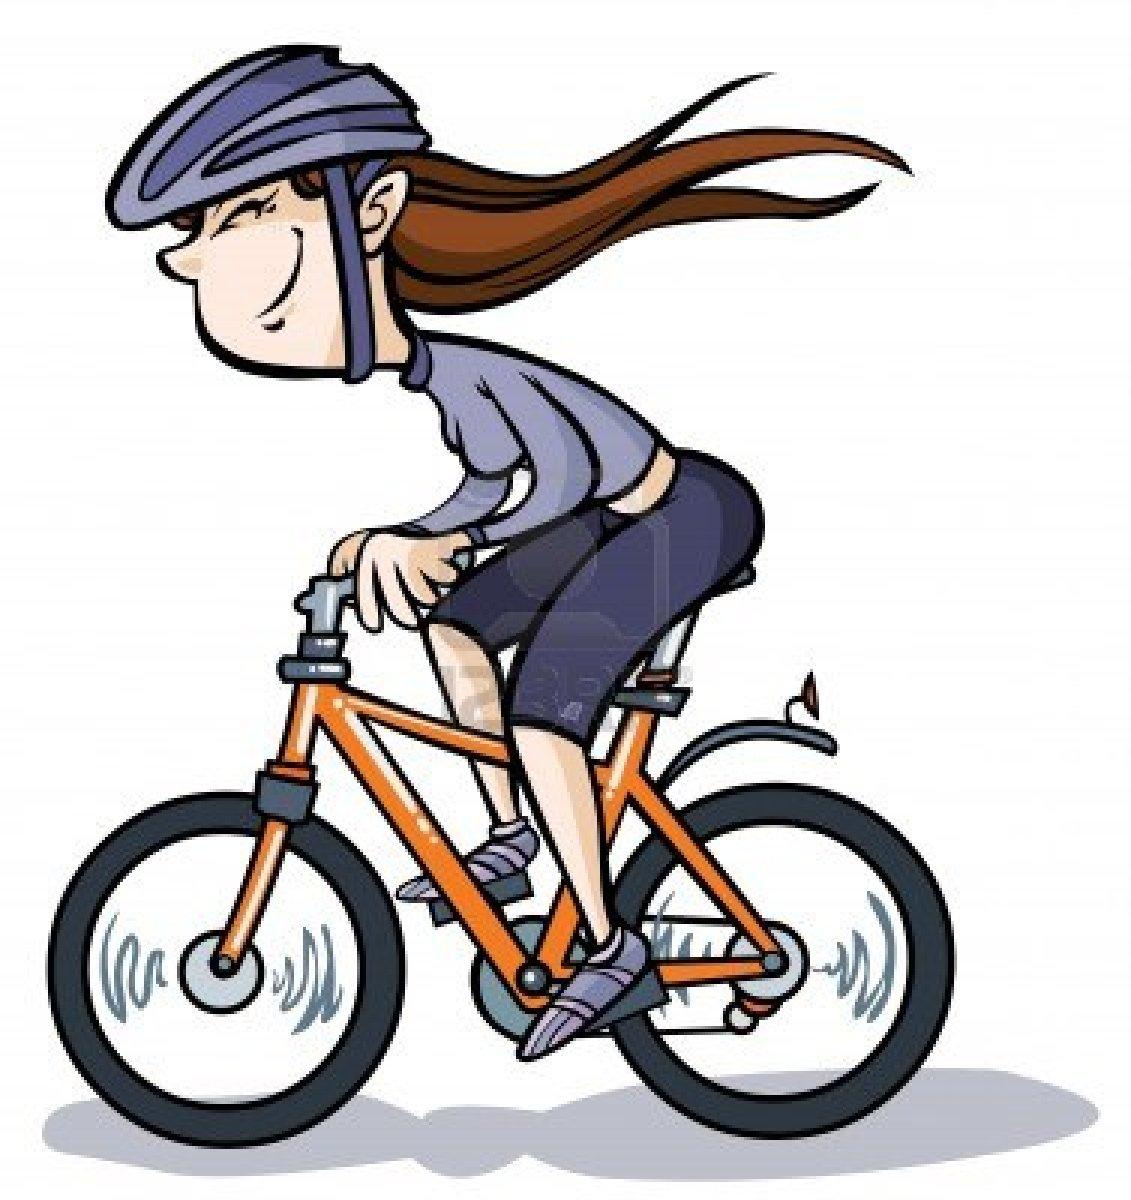 Gambar Kartun Jatuh Dari Sepeda Gambar Gokil